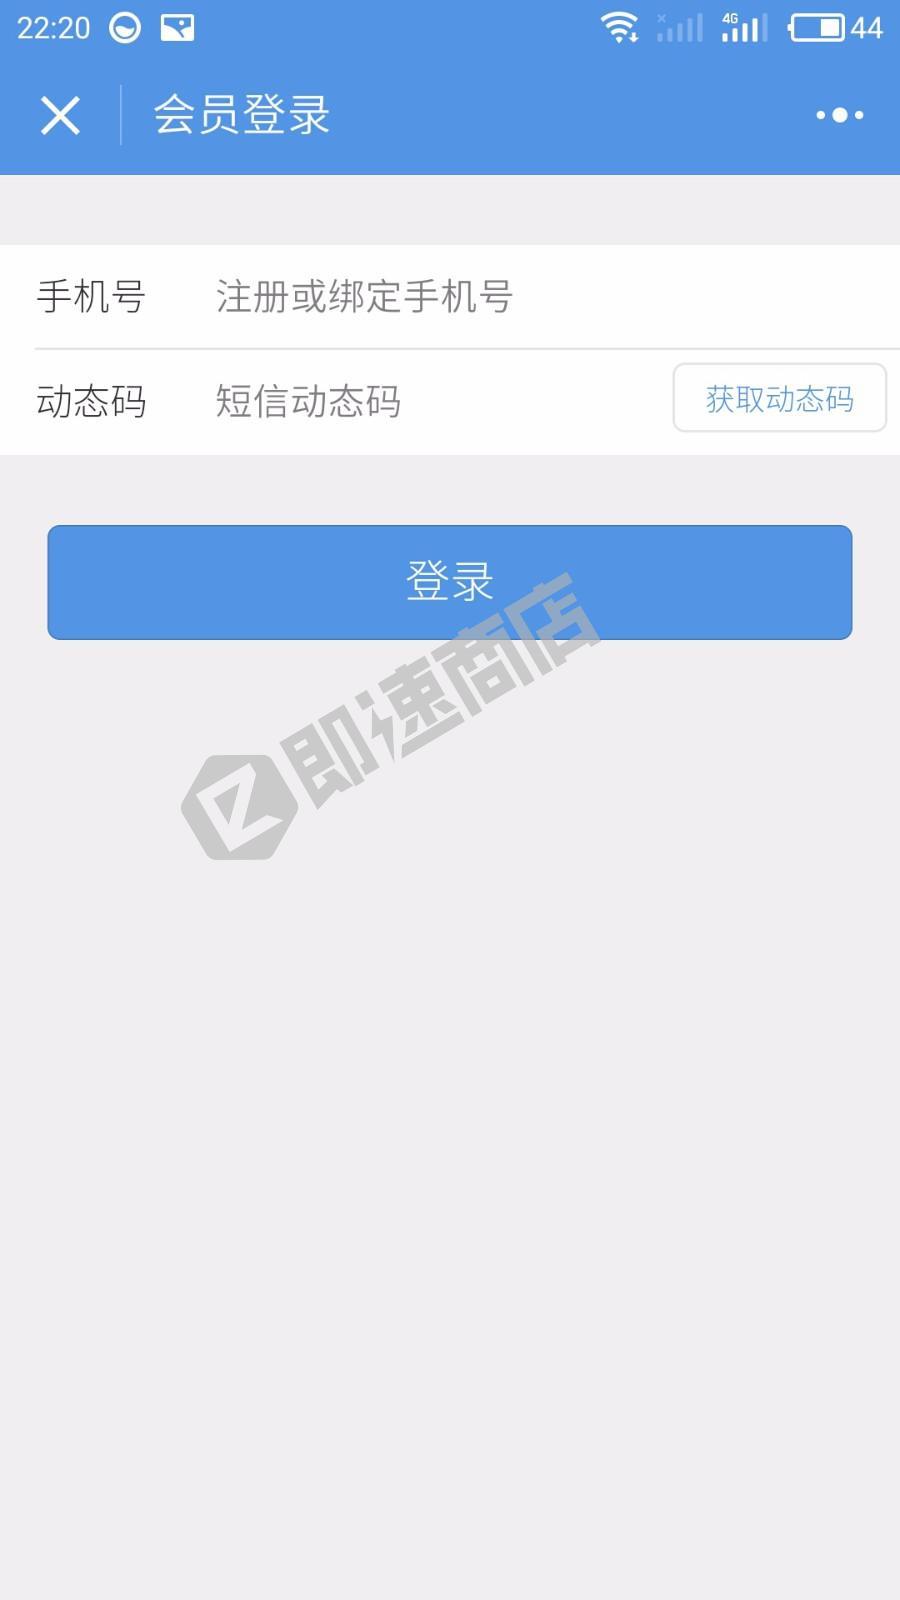 智行火车票12306购票小程序详情页截图